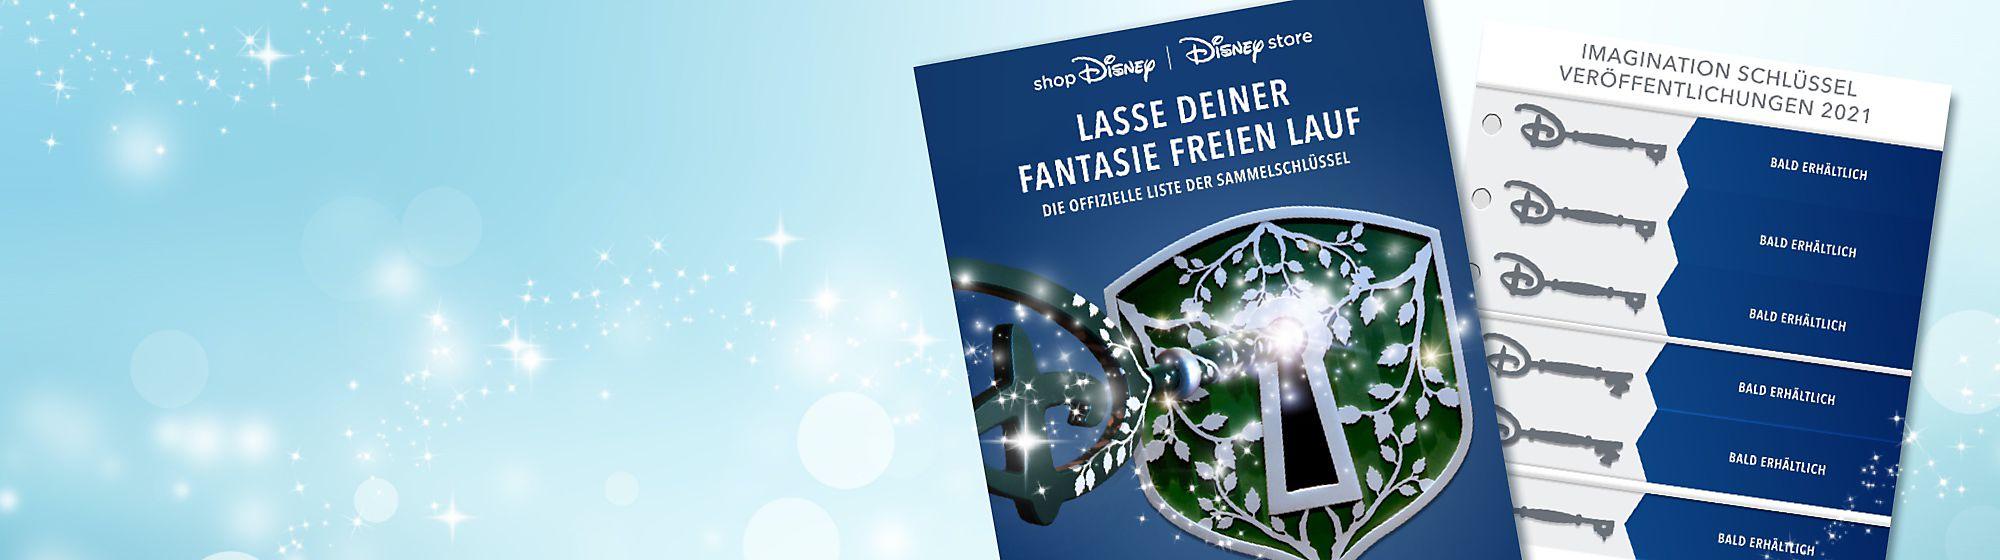 Imagination-Schlüssel Entdecke den Zauber mit unseren Imagination-Schlüsseln. Die charaktervollen Schlüssel sind von den Eröffnungszeremonie-Schlüsseln aus den Disney Stores inspiriert und das perfekte Sammlerstück für Fans. Sieh dir auf unserer Checkliste an, welche Schlüssel bereits veröffentlicht wurden.